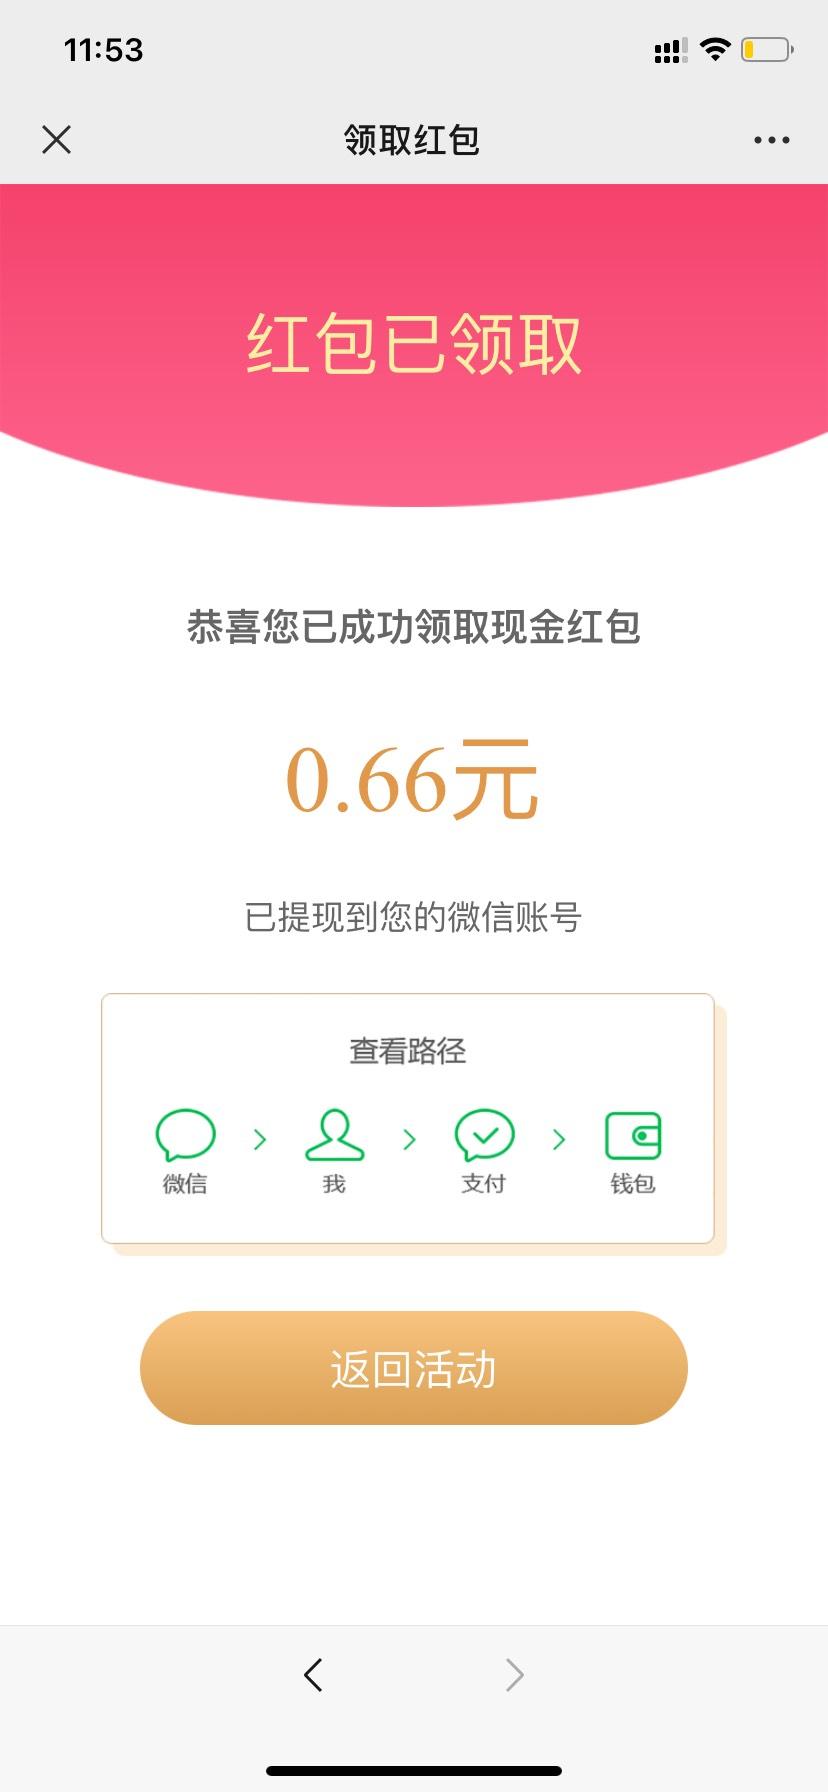 桂林银行答题抽红包